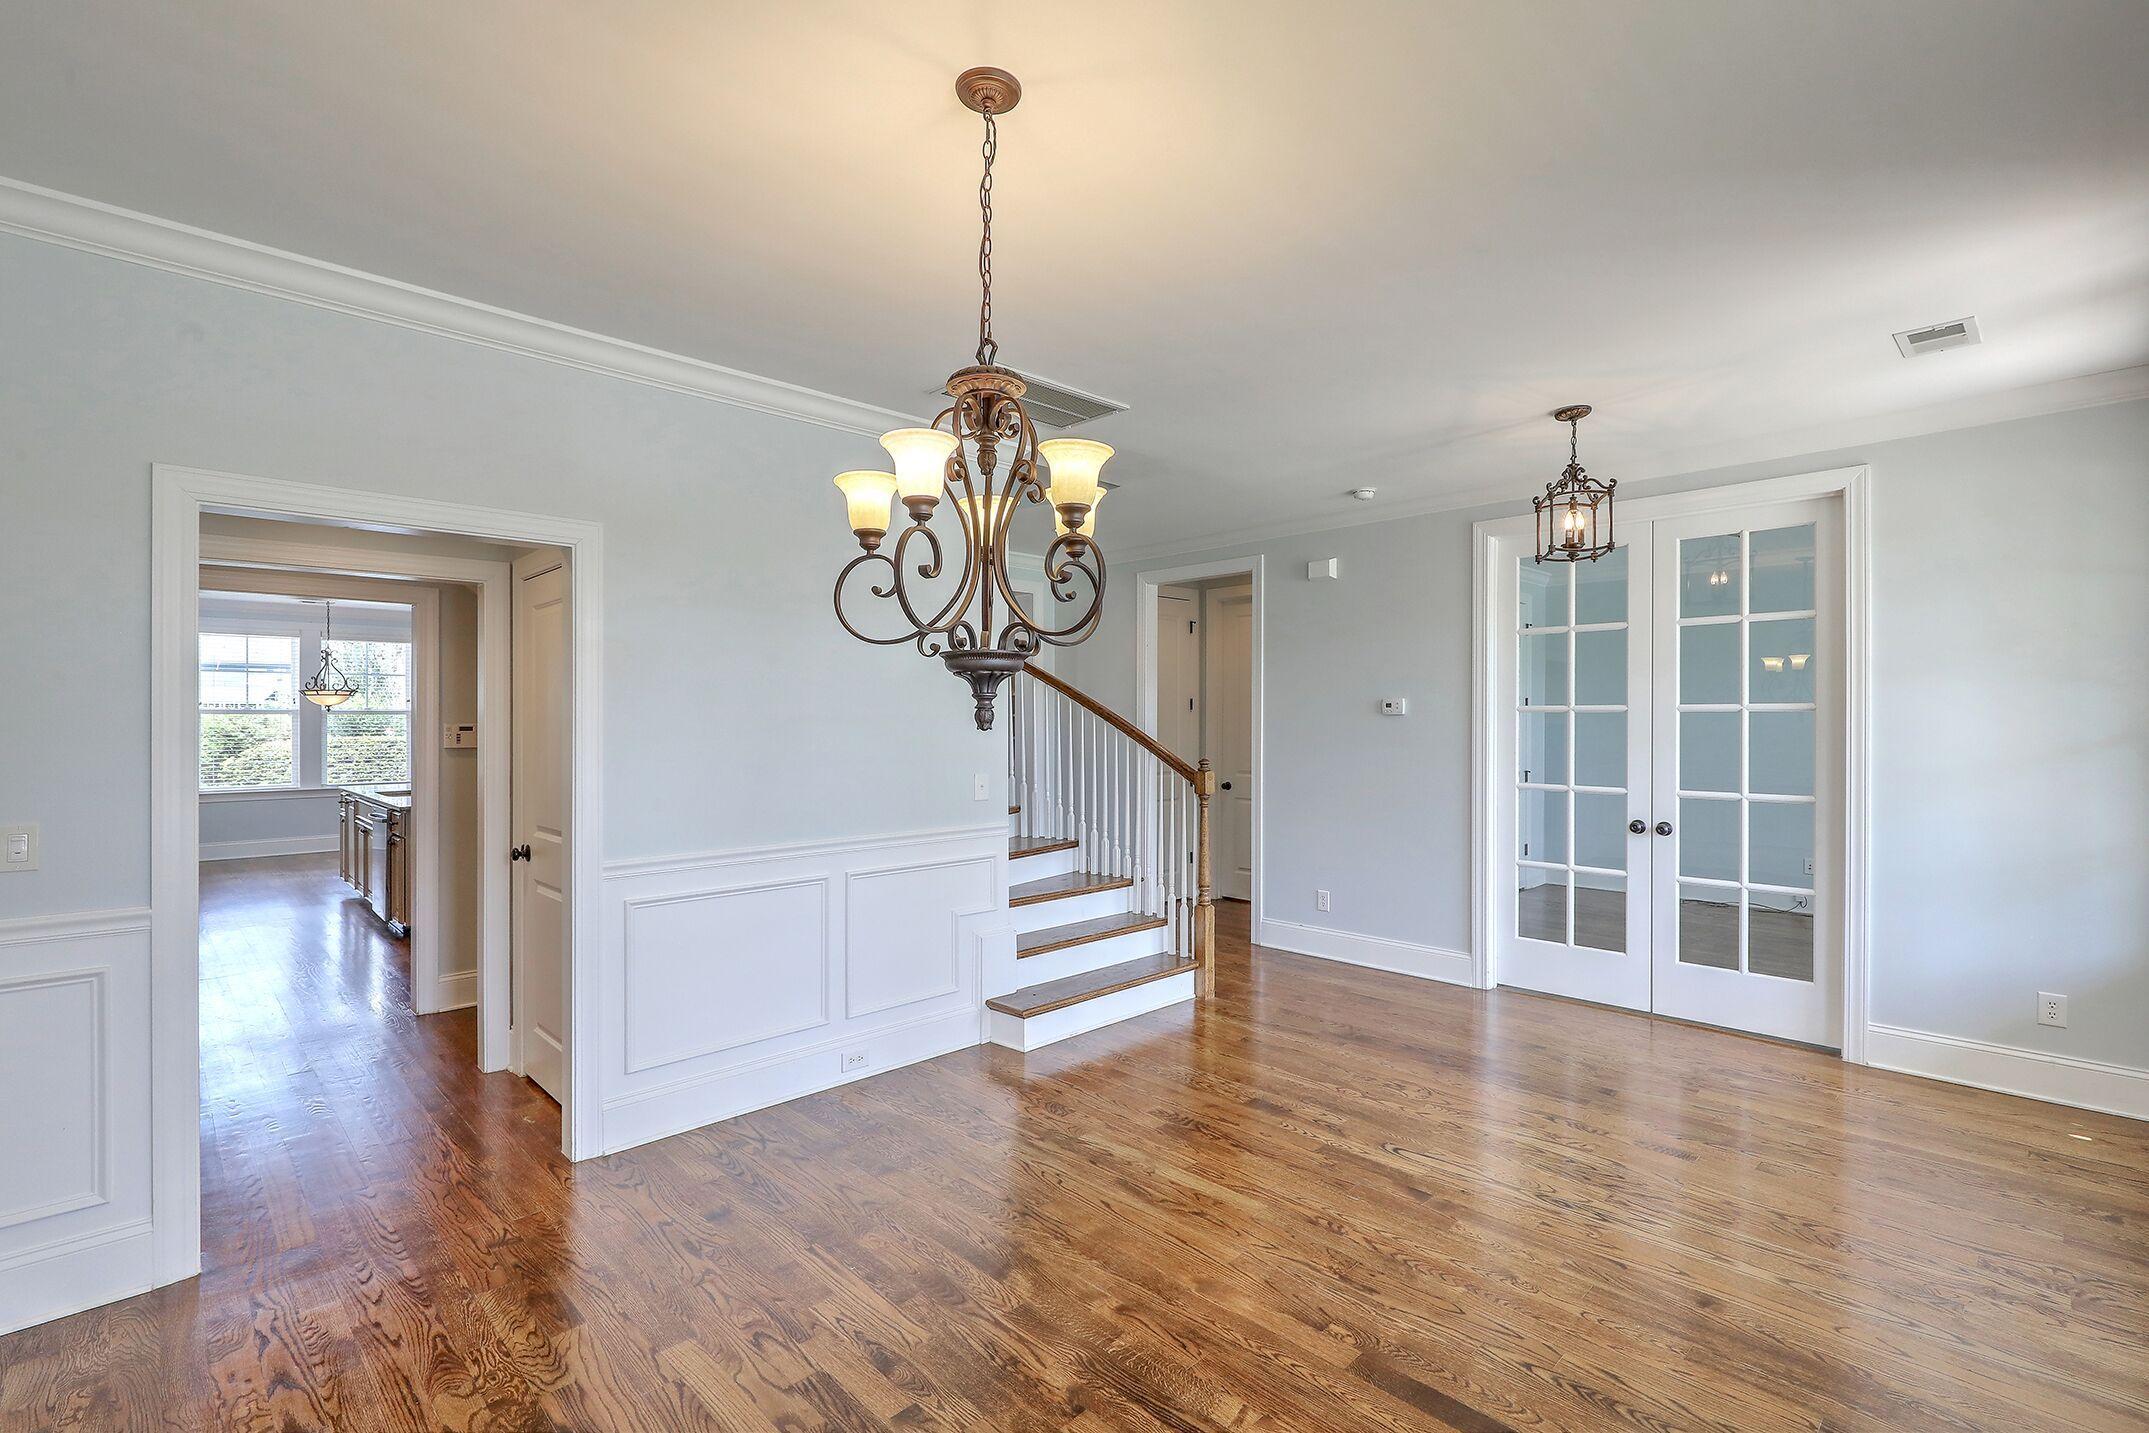 Dunes West Homes For Sale - 2970 Sturbridge, Mount Pleasant, SC - 41